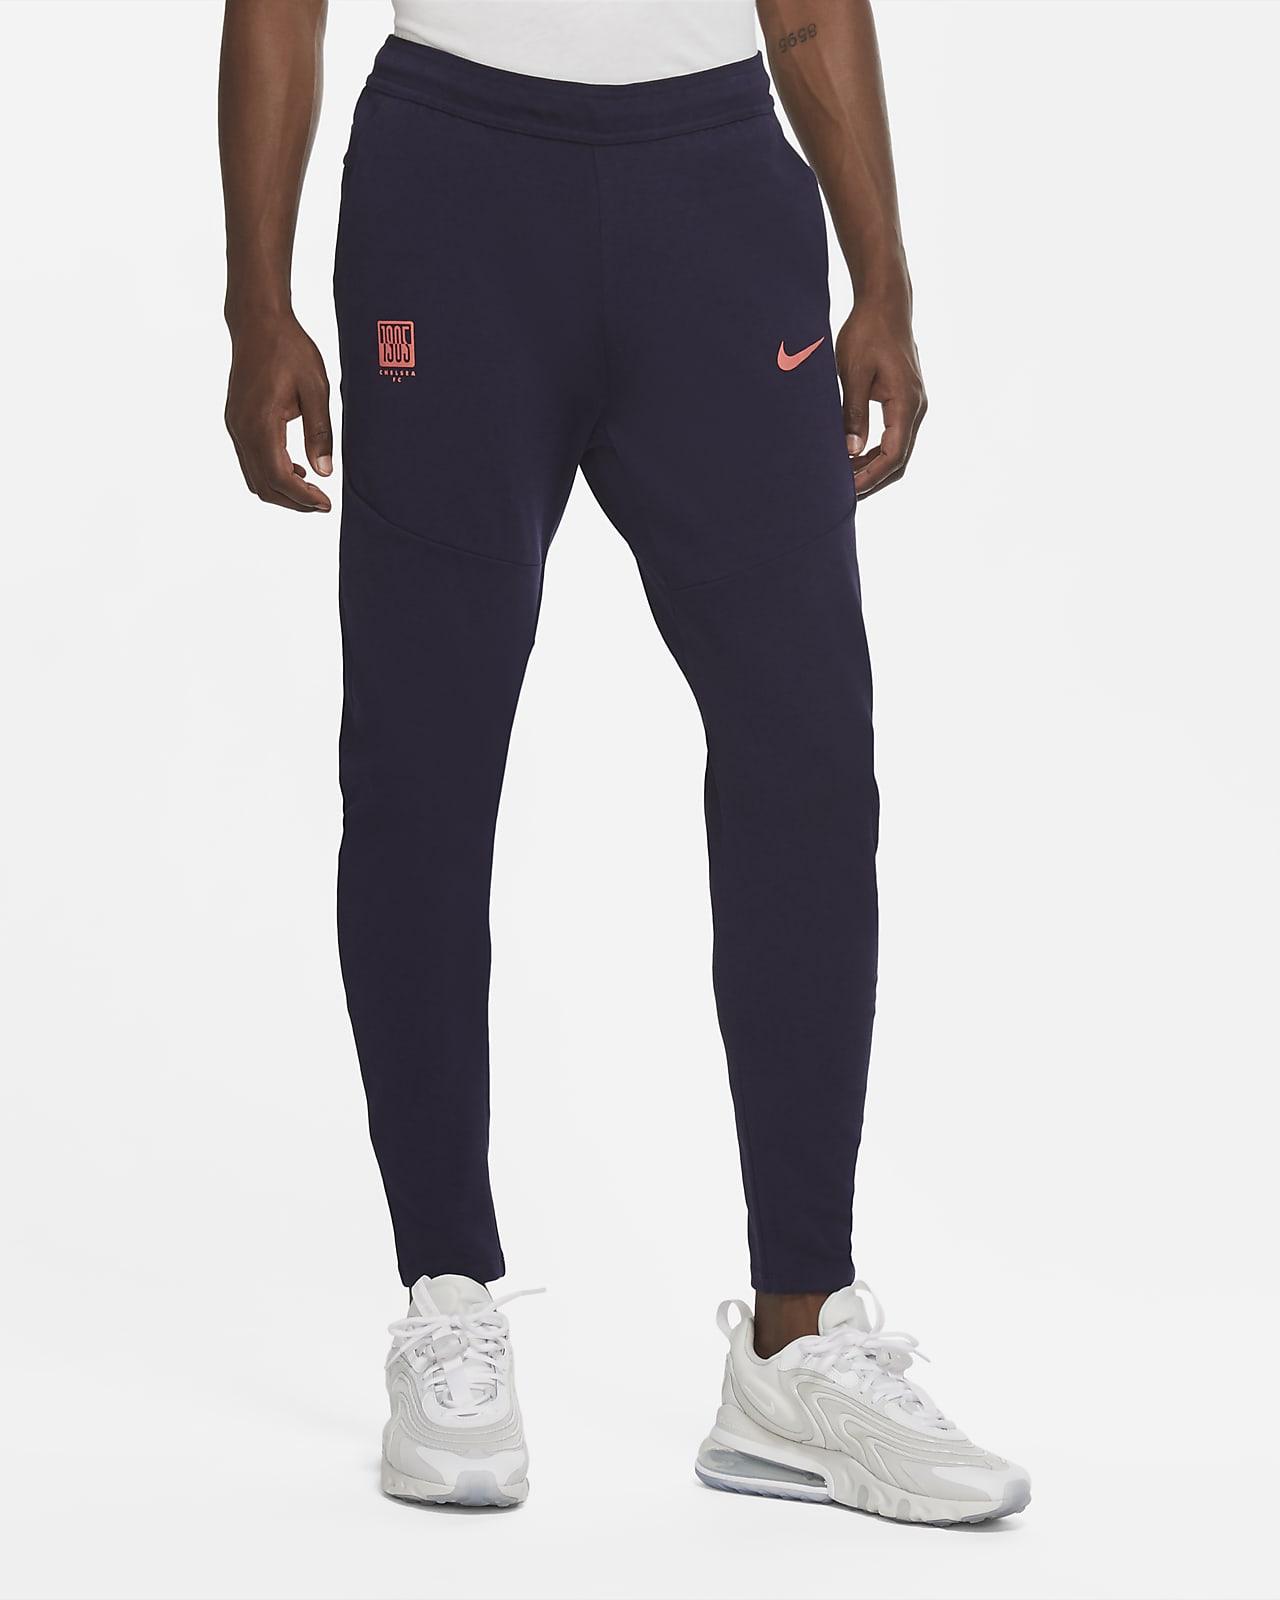 Pantalon Chelsea FC Tech Pack pour Homme